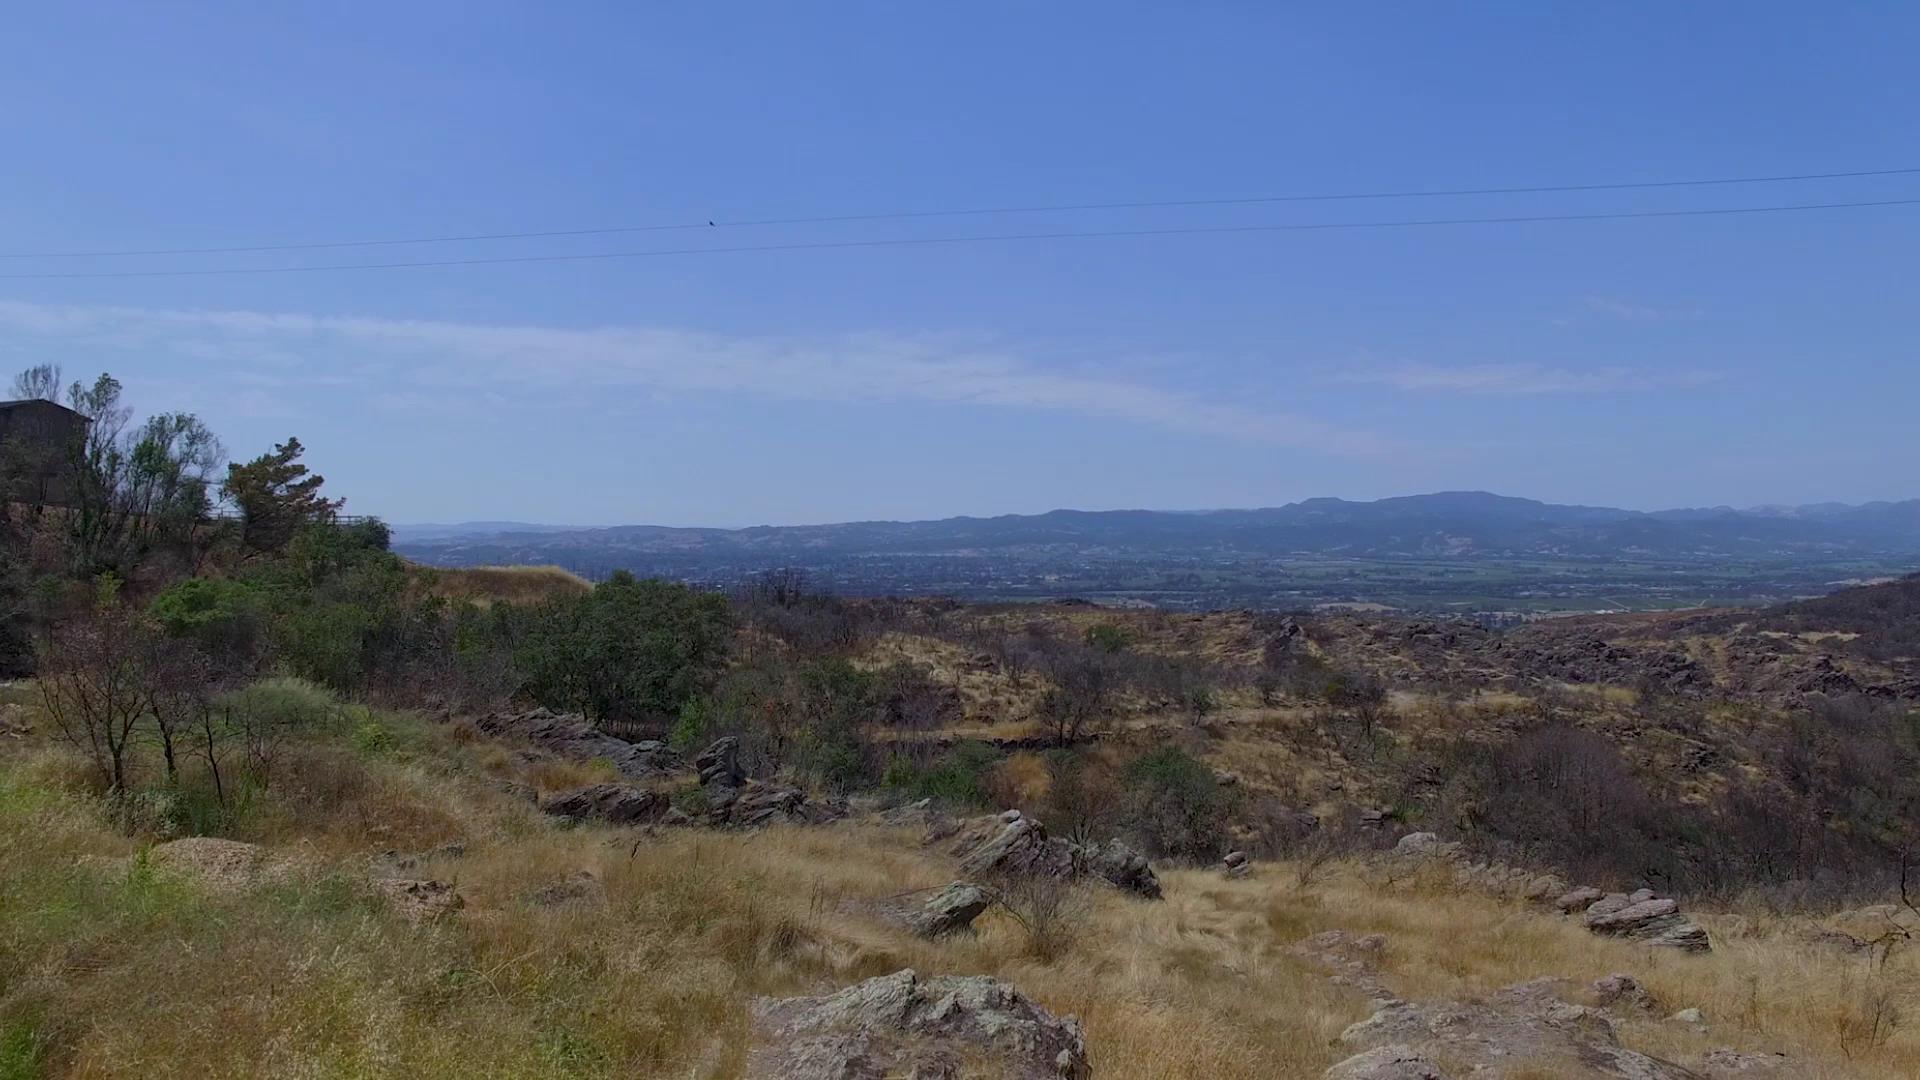 mayacamas-mountains-monticello-road.jpg